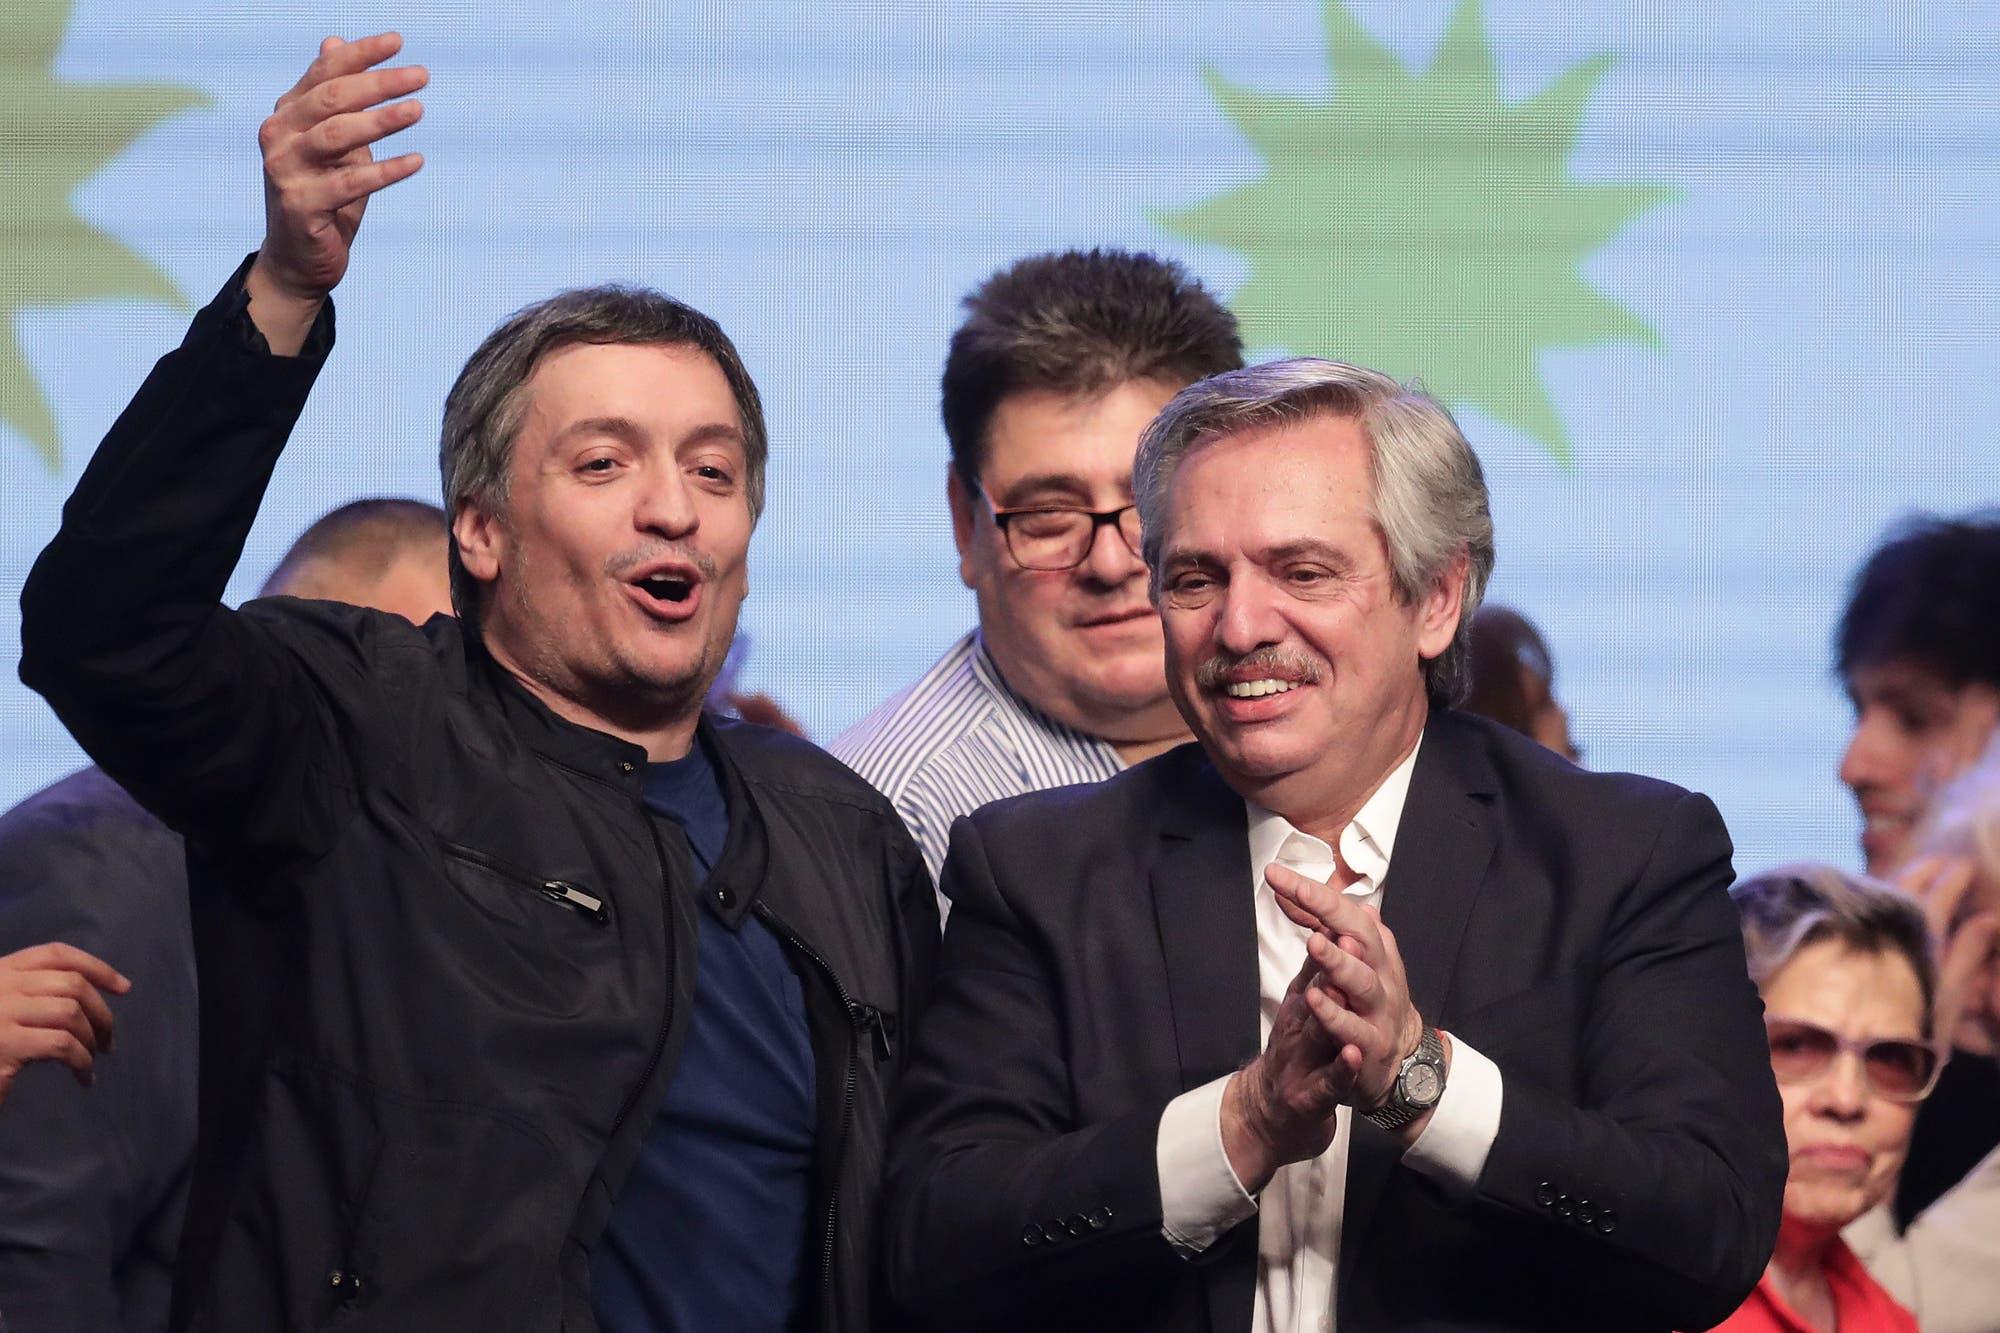 Impuesto a la riqueza: Máximo Kirchner le marca la cancha a los empresarios, pero también a Alberto Fernández